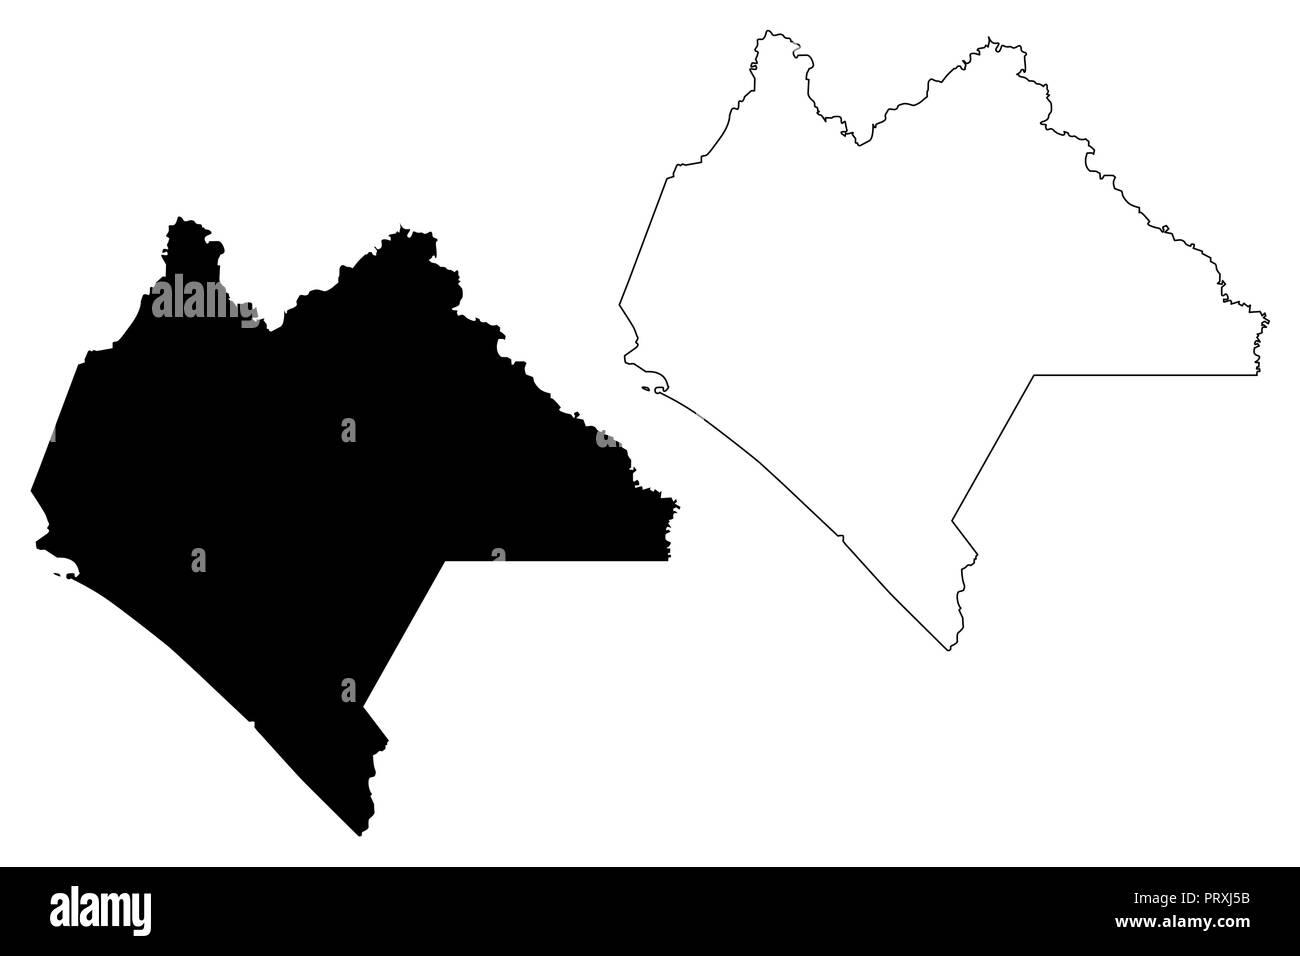 Chiapas Estados Unidos Mexicanos México República Federal Mapa